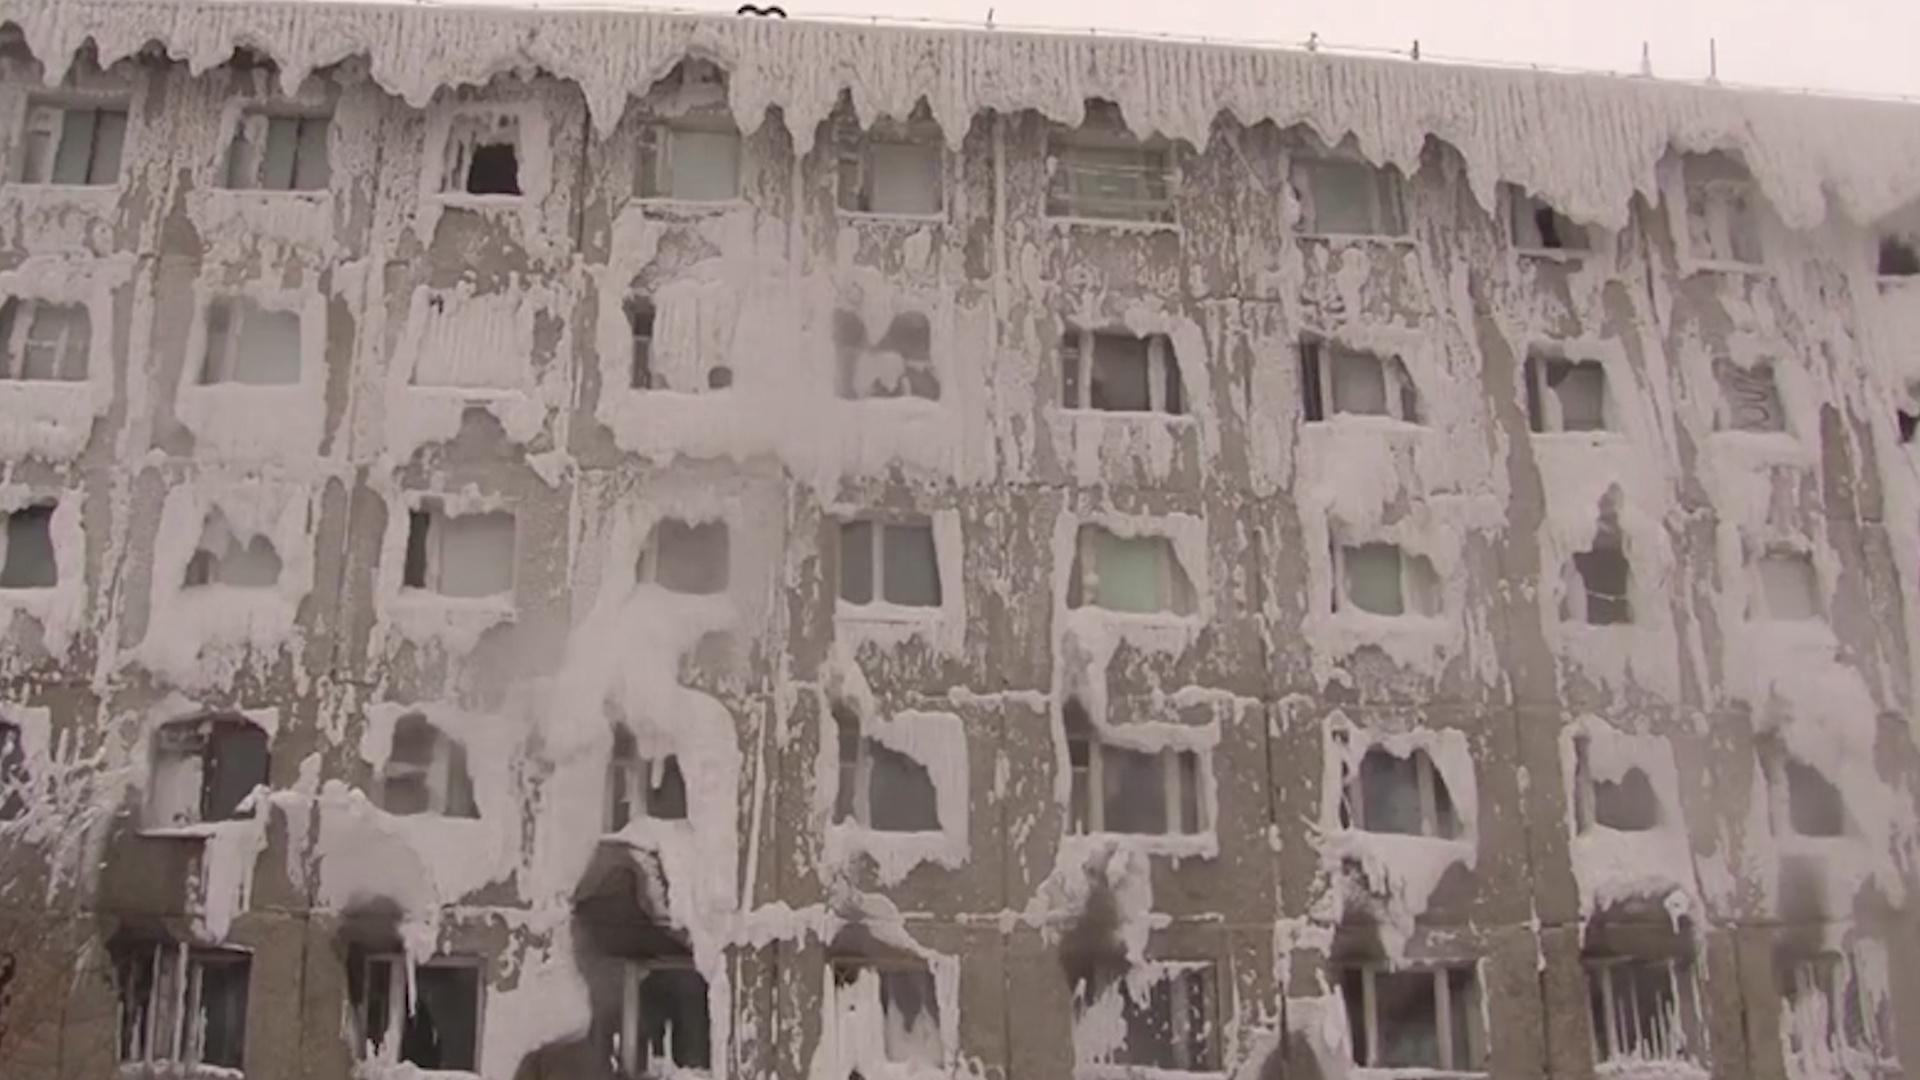 俄罗斯一栋公寓完全被冰雪覆盖,居民仿佛住在冰柜里